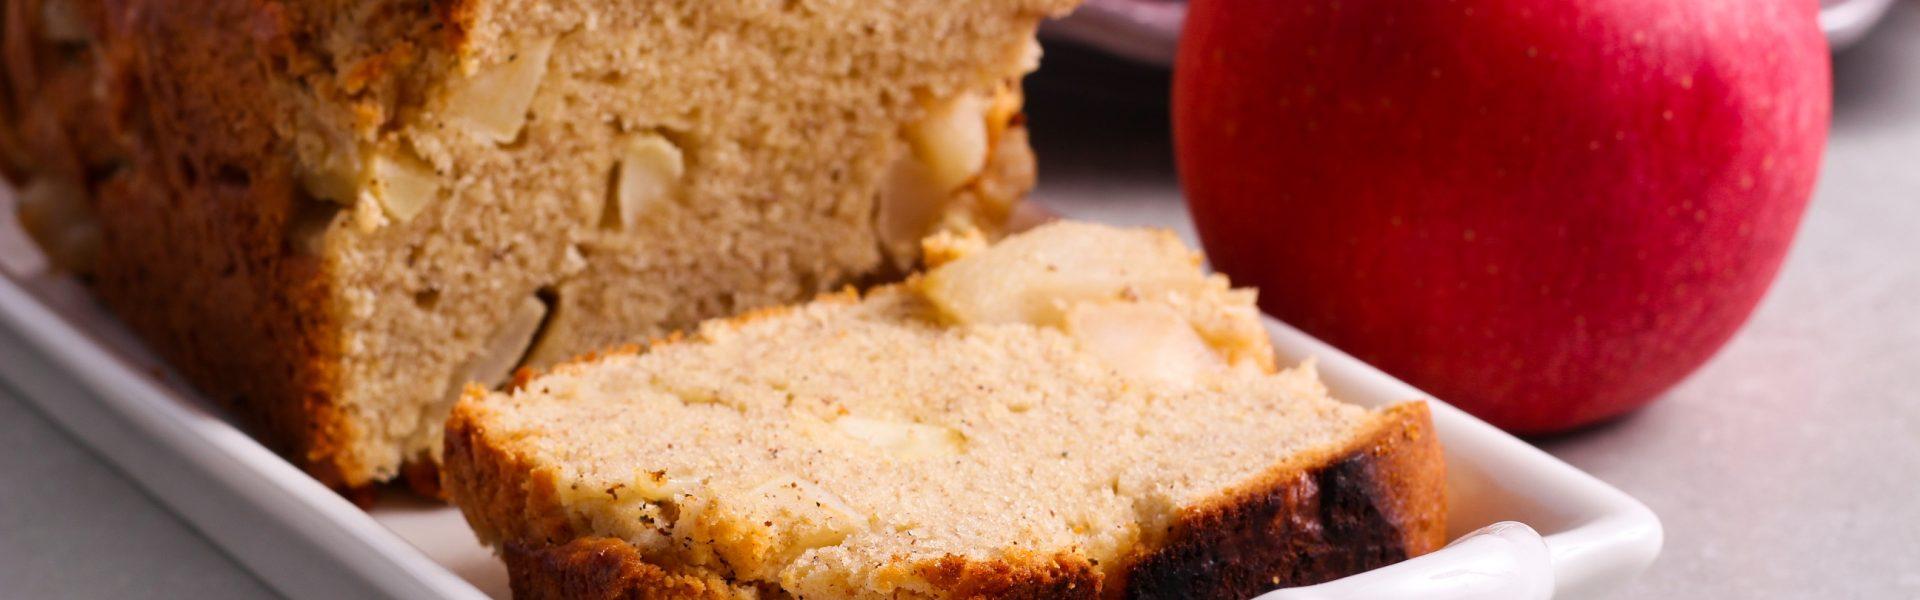 Jablčný chlieb s chrumkavou kôrkou